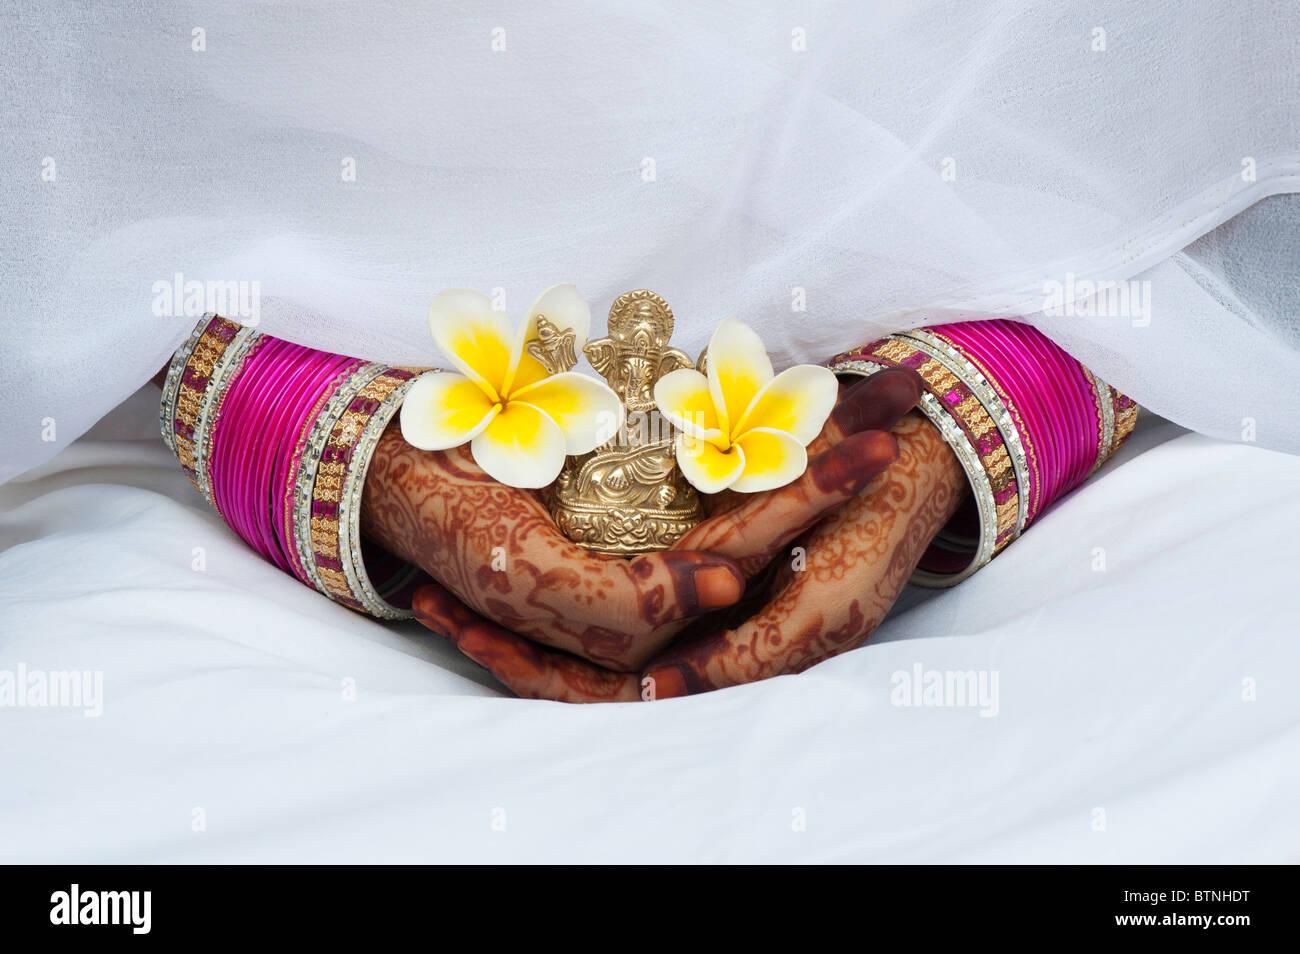 Indisches Mädchen tragen weiße Seide sari mit Henna hands holding eine Frangipani Blume und einer Statue Stockbild